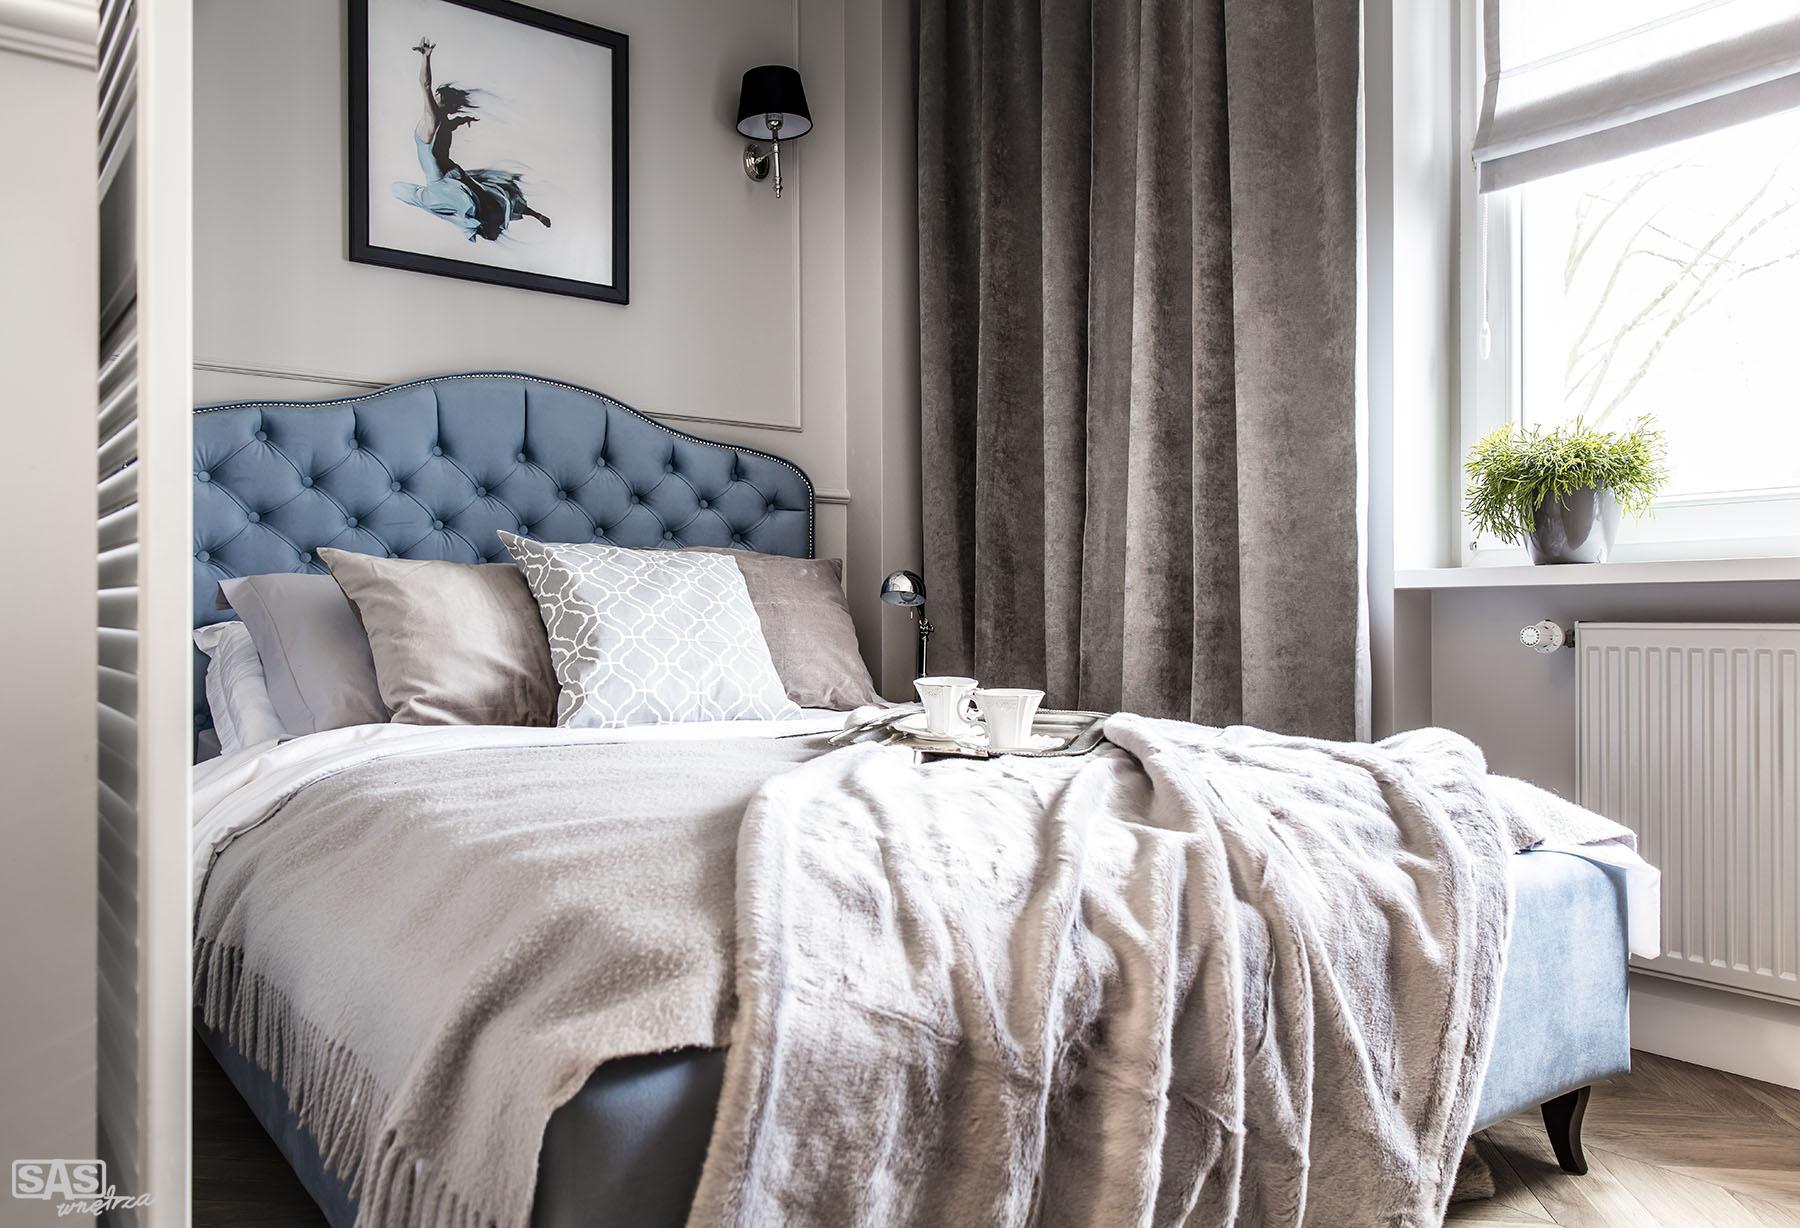 Aranżacja sypialni w mieszkaniu w kamienicy - projekt architekt wnętrz Emilia Strzempek Plasun.